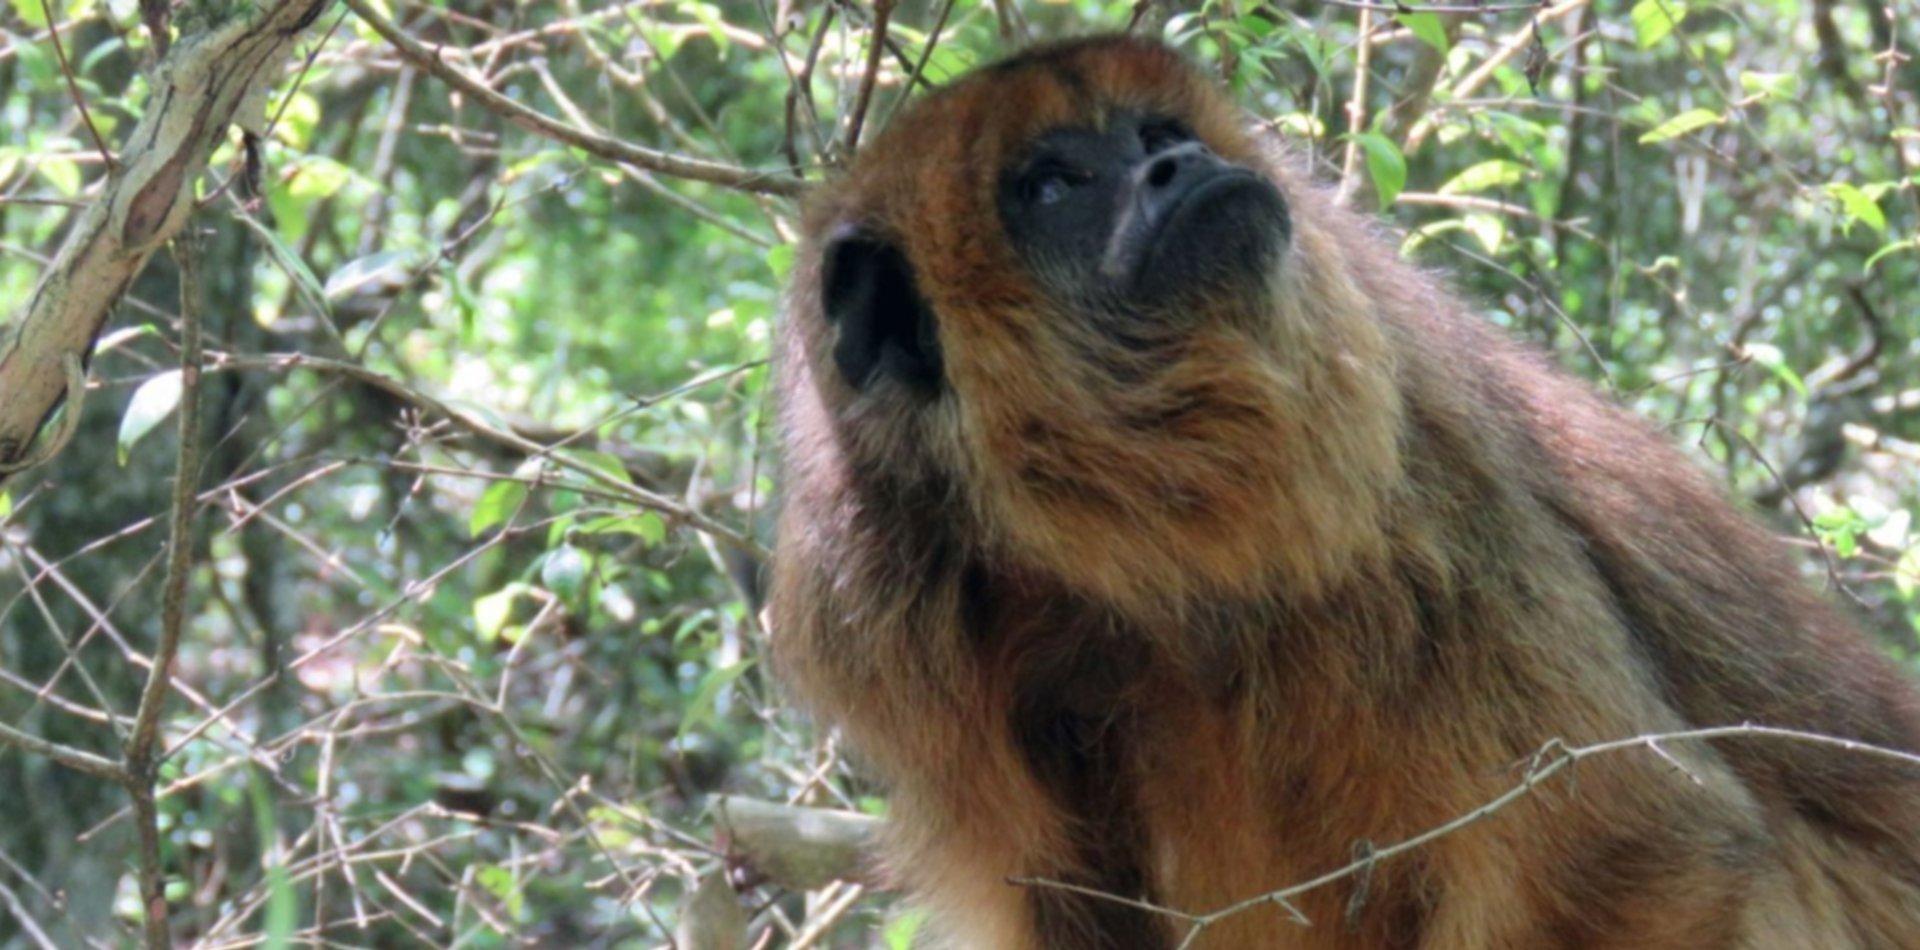 ¿De dónde son y por qué aparecieron los monos en los árboles de Villa Elisa?